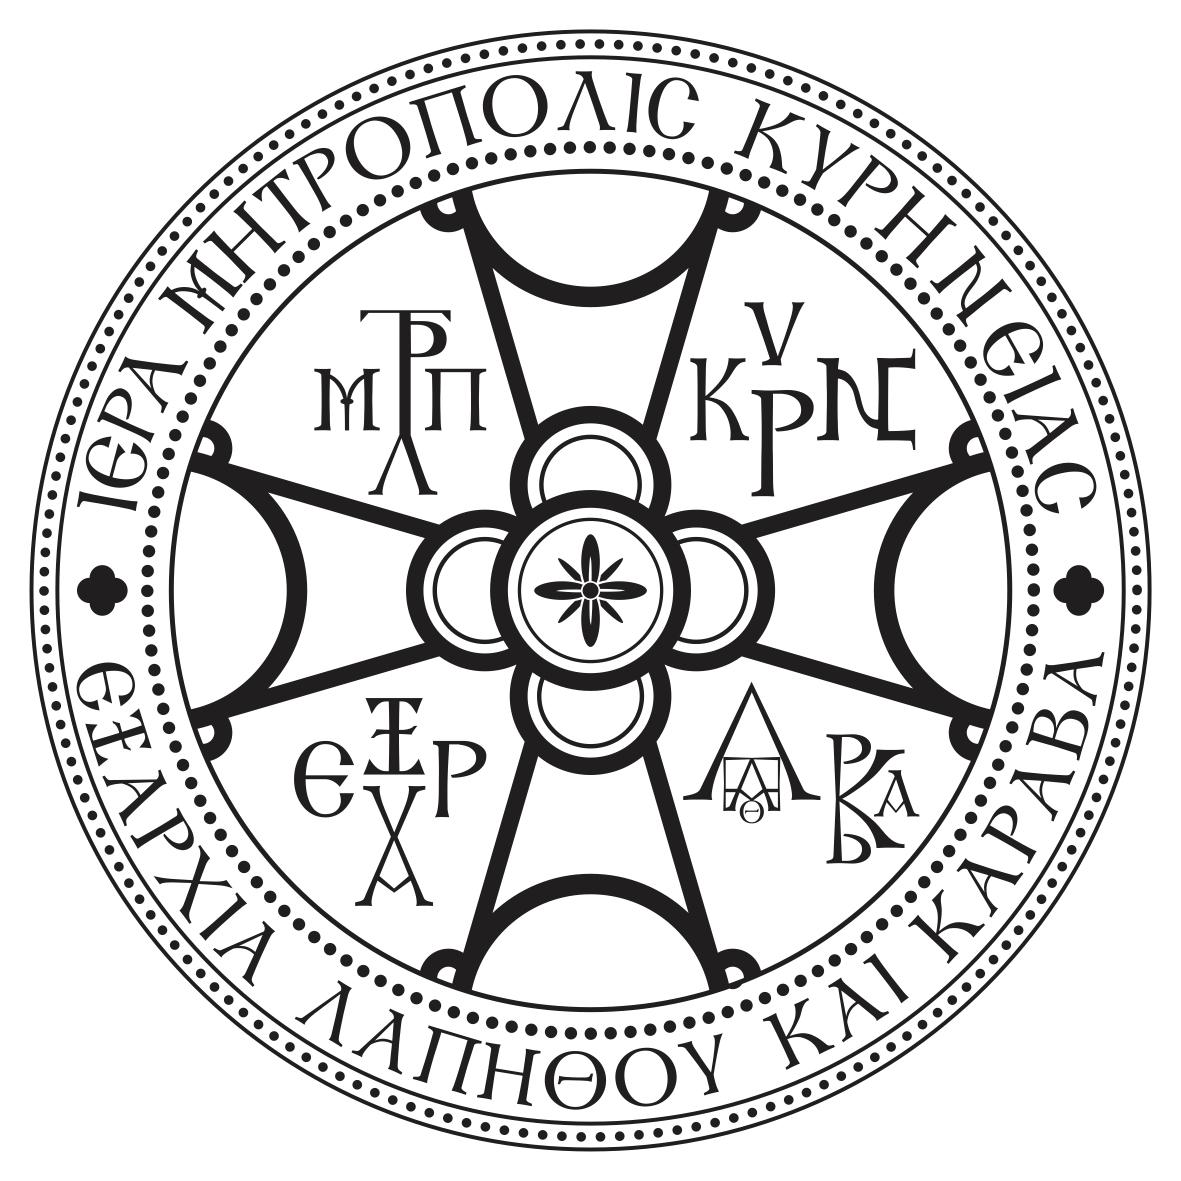 Ιερά Μητρόπολις Κυρηνείας